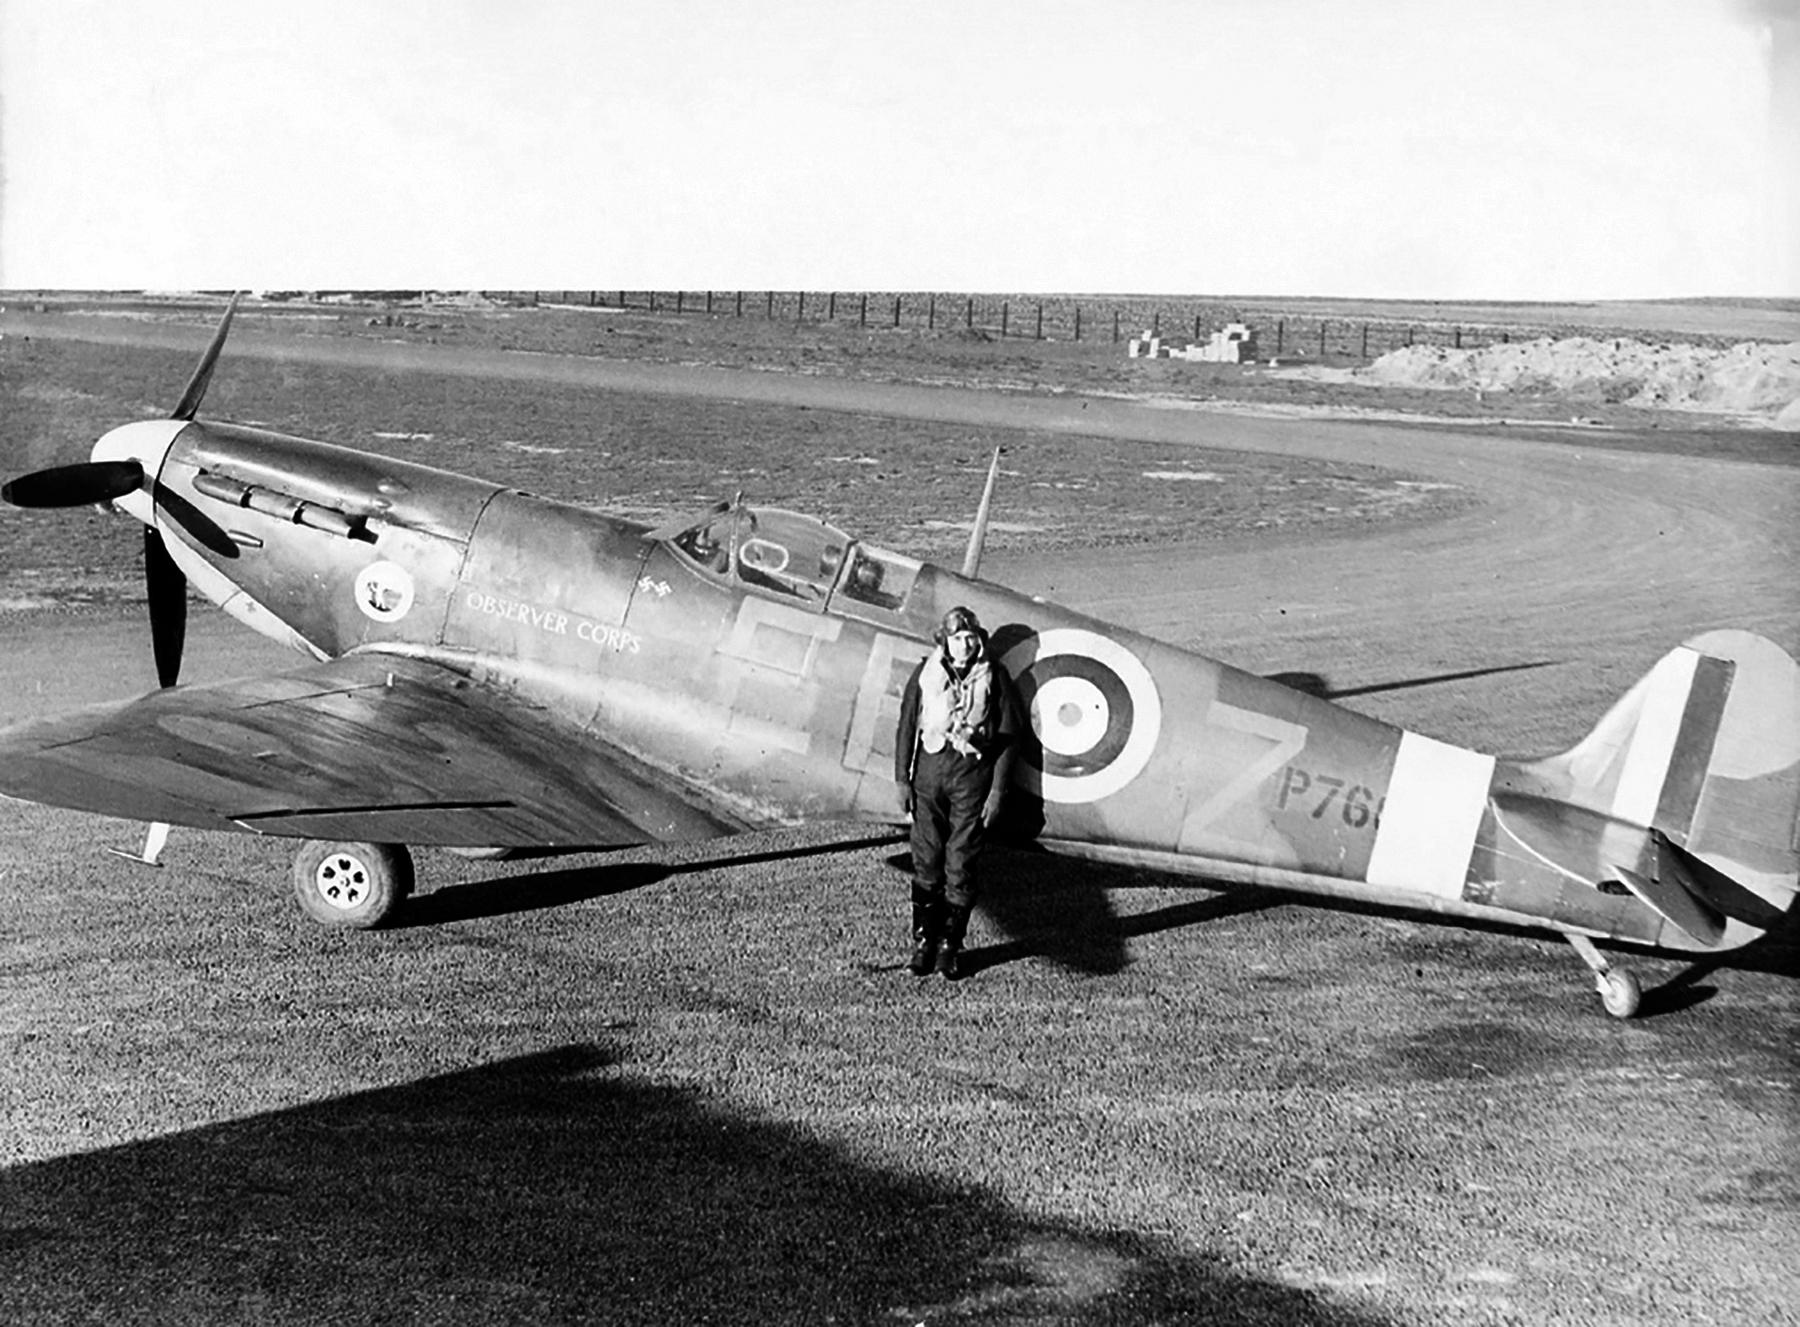 Spitfire MkIIa RAF 41Sqn EBZ P76xx with 2 kills 01